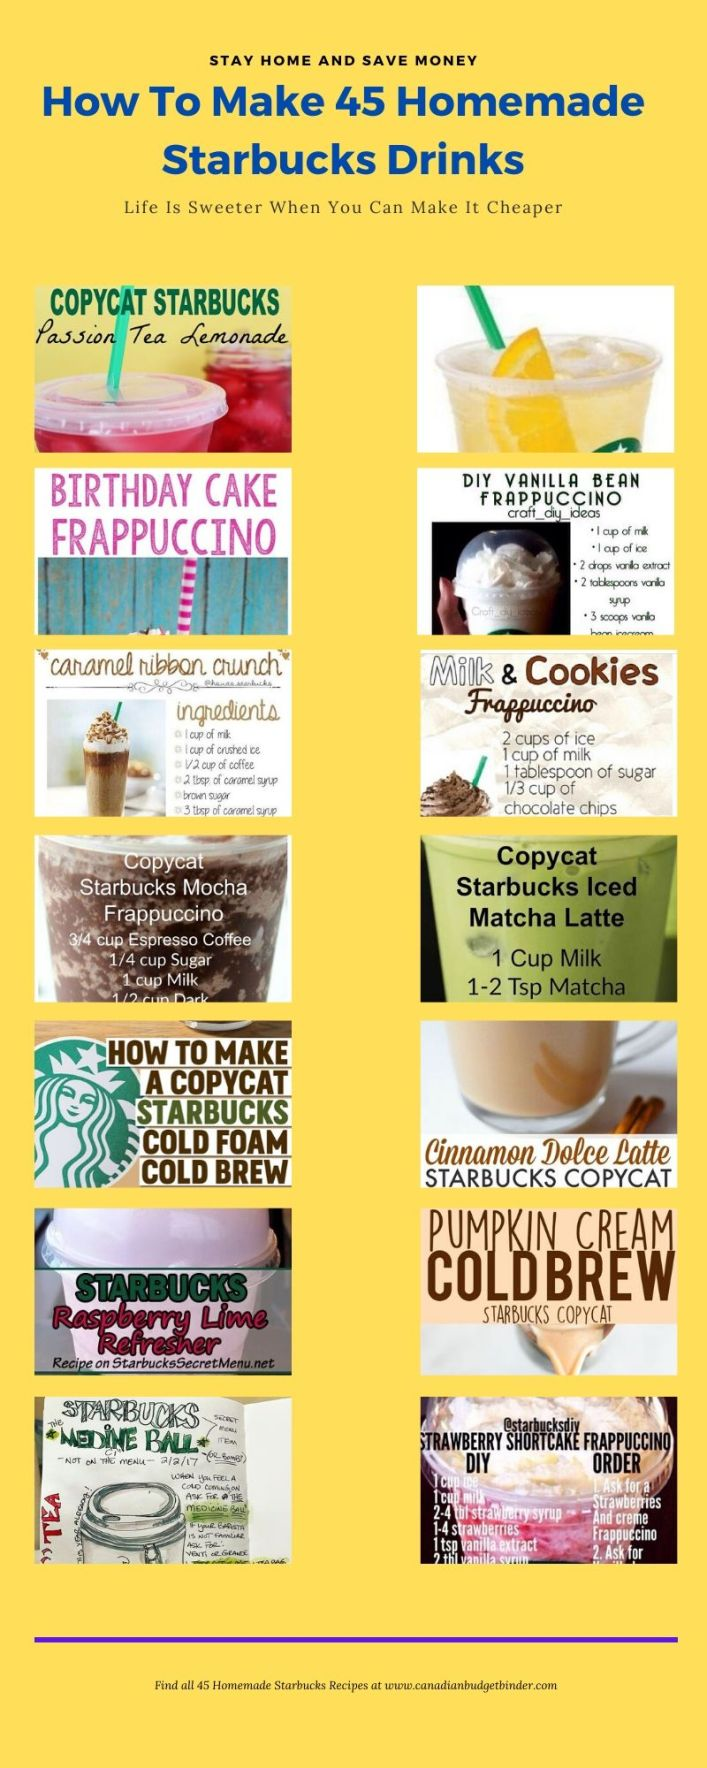 DIY Starbucks Drink Recipes